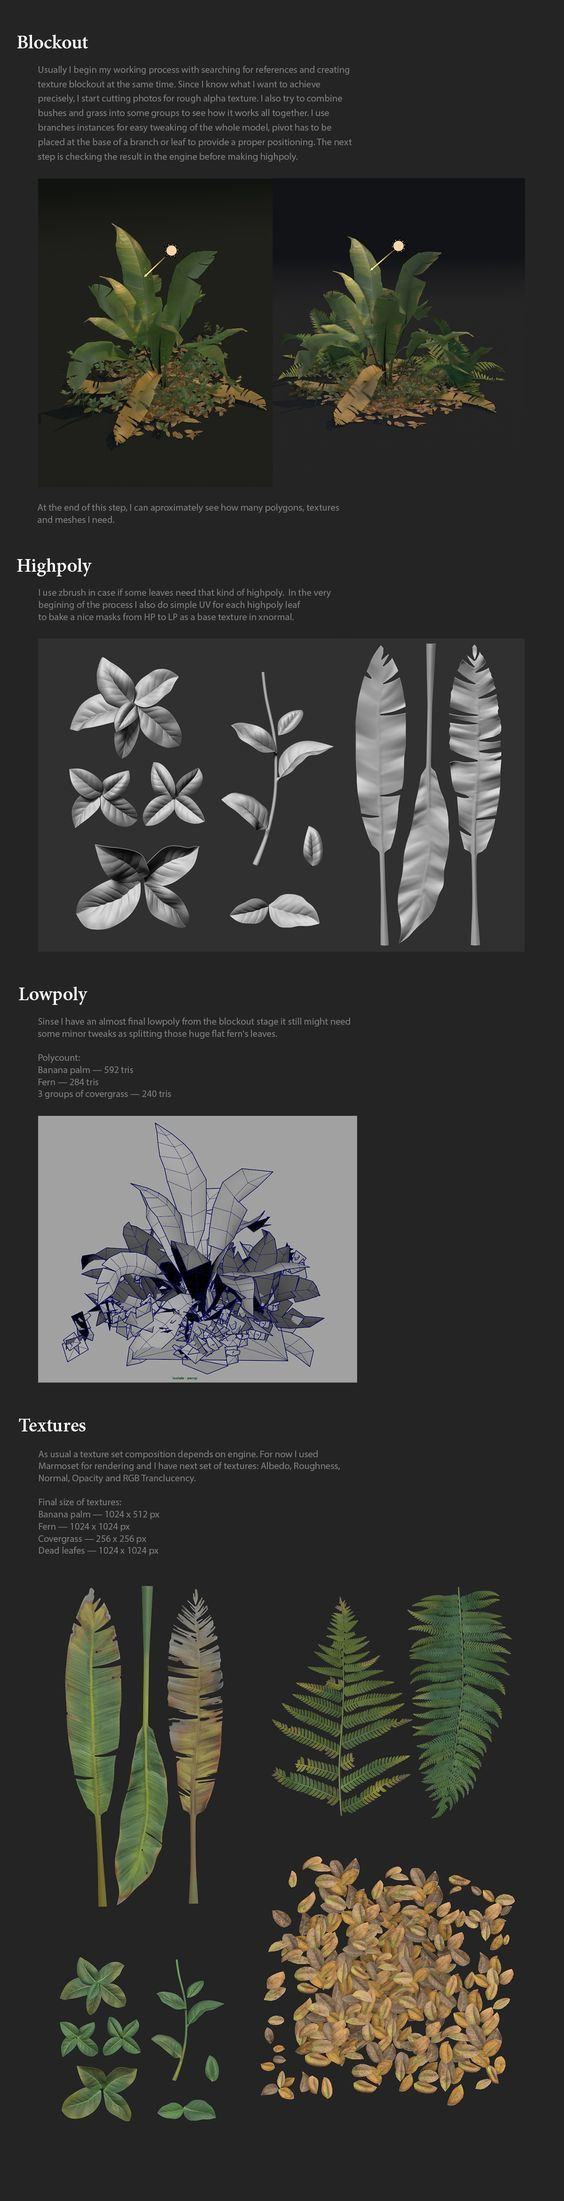 ArtStation - Foliage study, Vitaly Bobrov